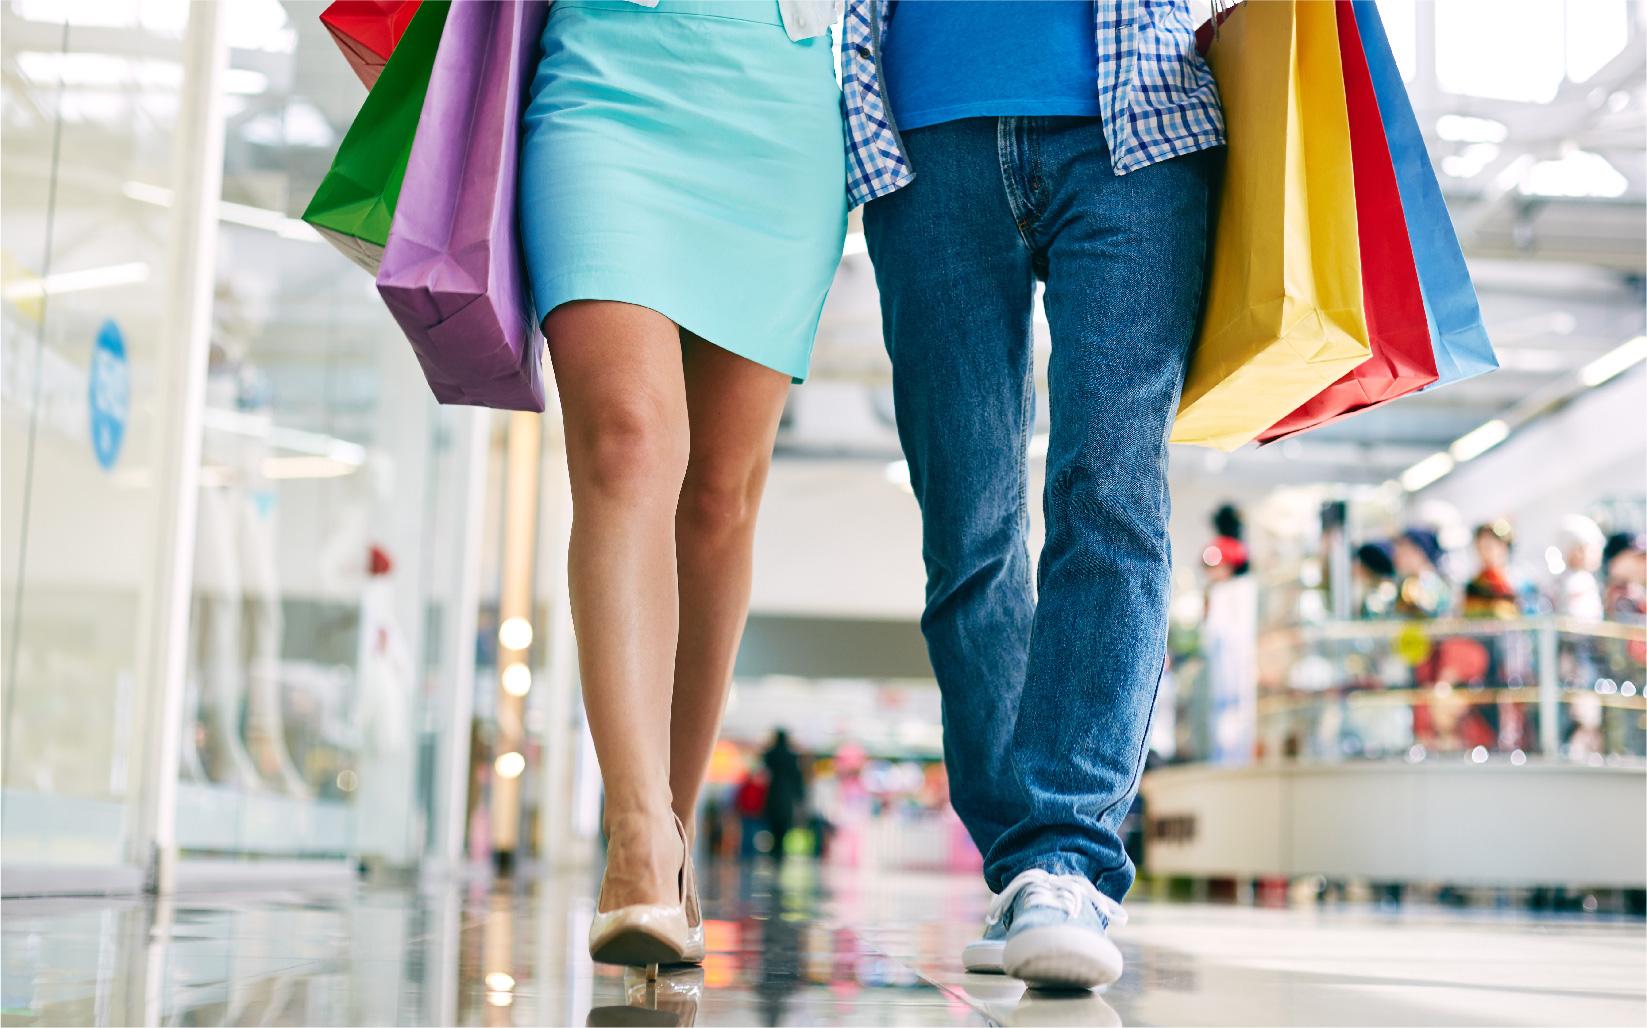 CorpCat Mall | แอ๊ดวานซ์ กรุ๊ป เอเซีย บริษัท กำจัดปลวก กำจัดแมลง ทำความสะอาด